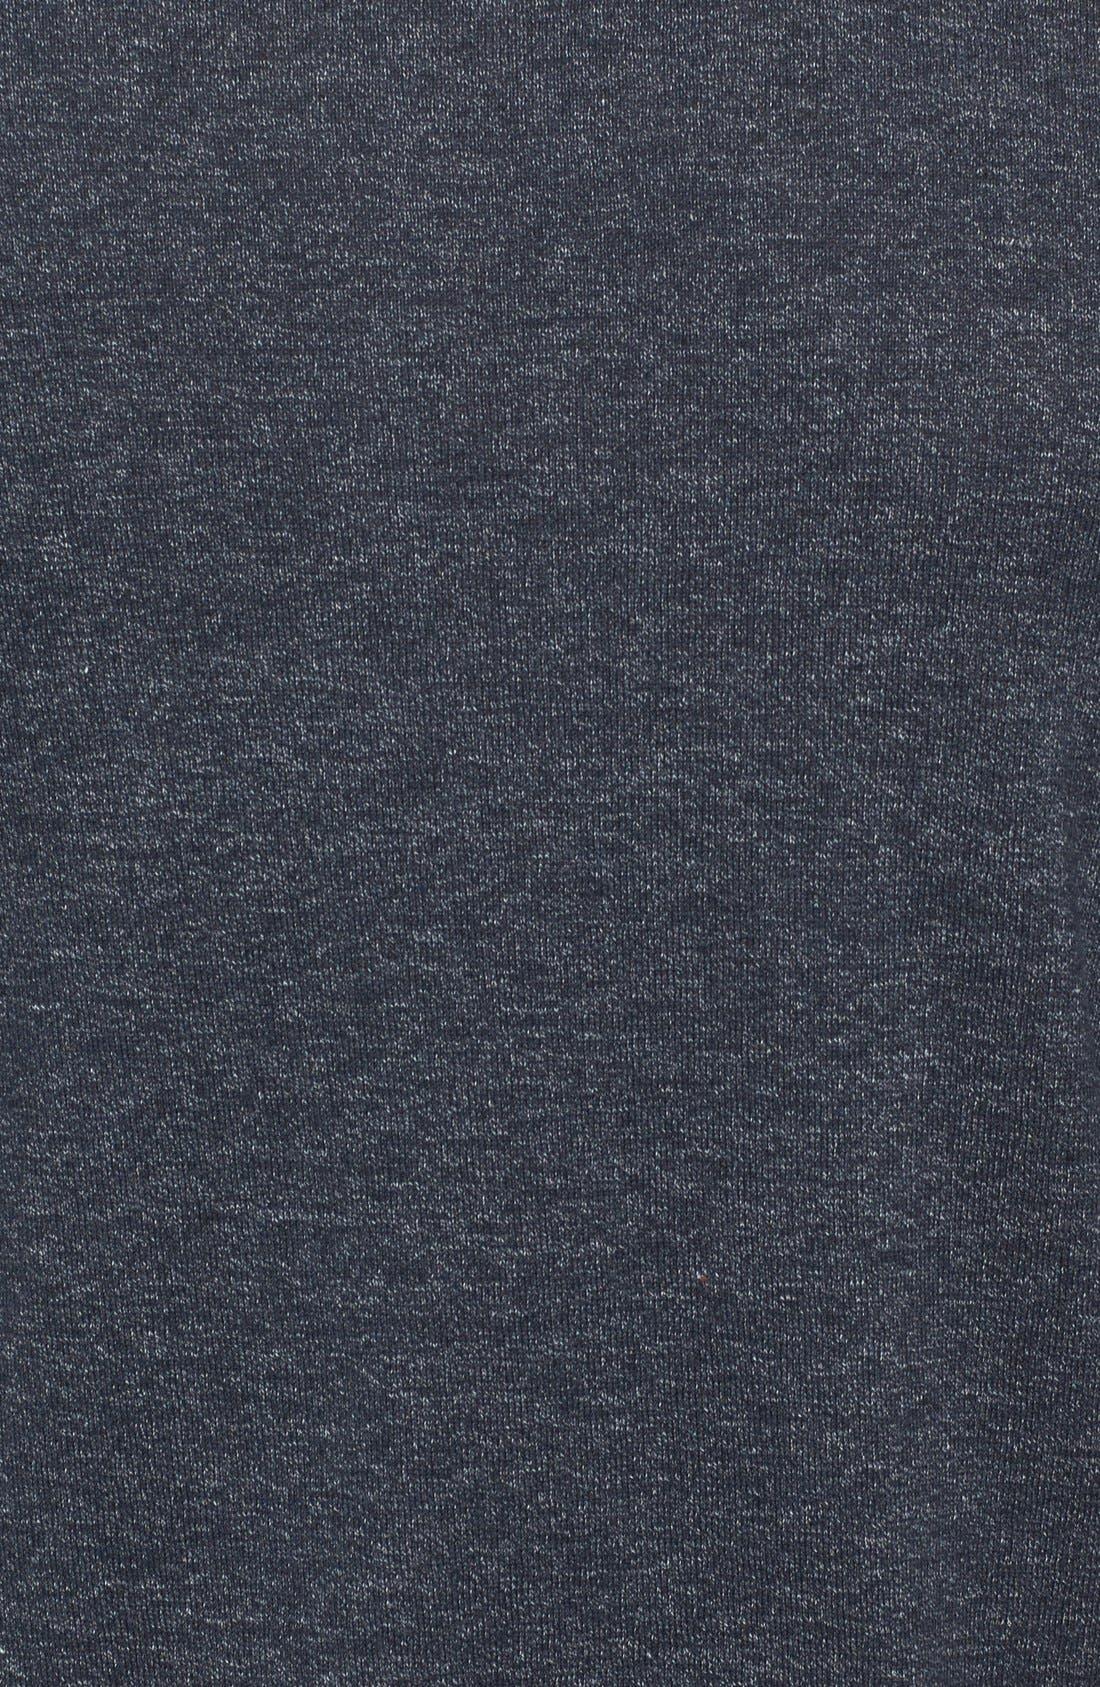 Alternate Image 3  - BOSS HUGO BOSS 'Pilgrim' Henley Sweater